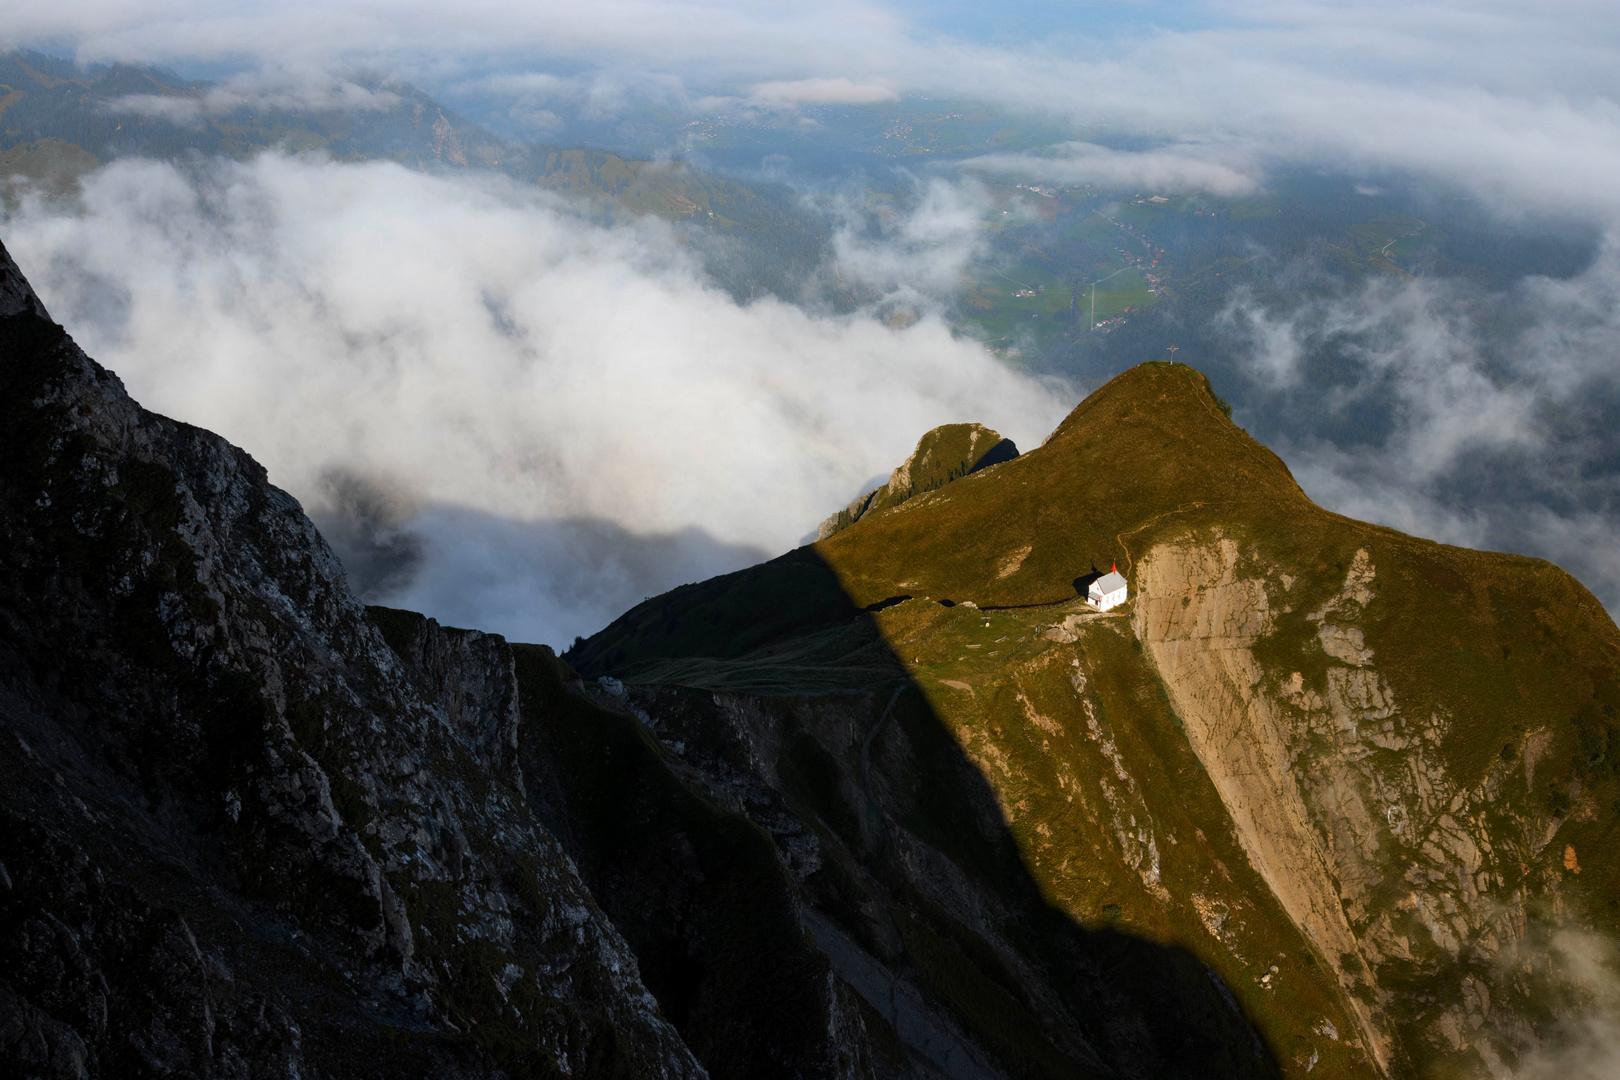 Faszination Berge - Nah am Abgrund